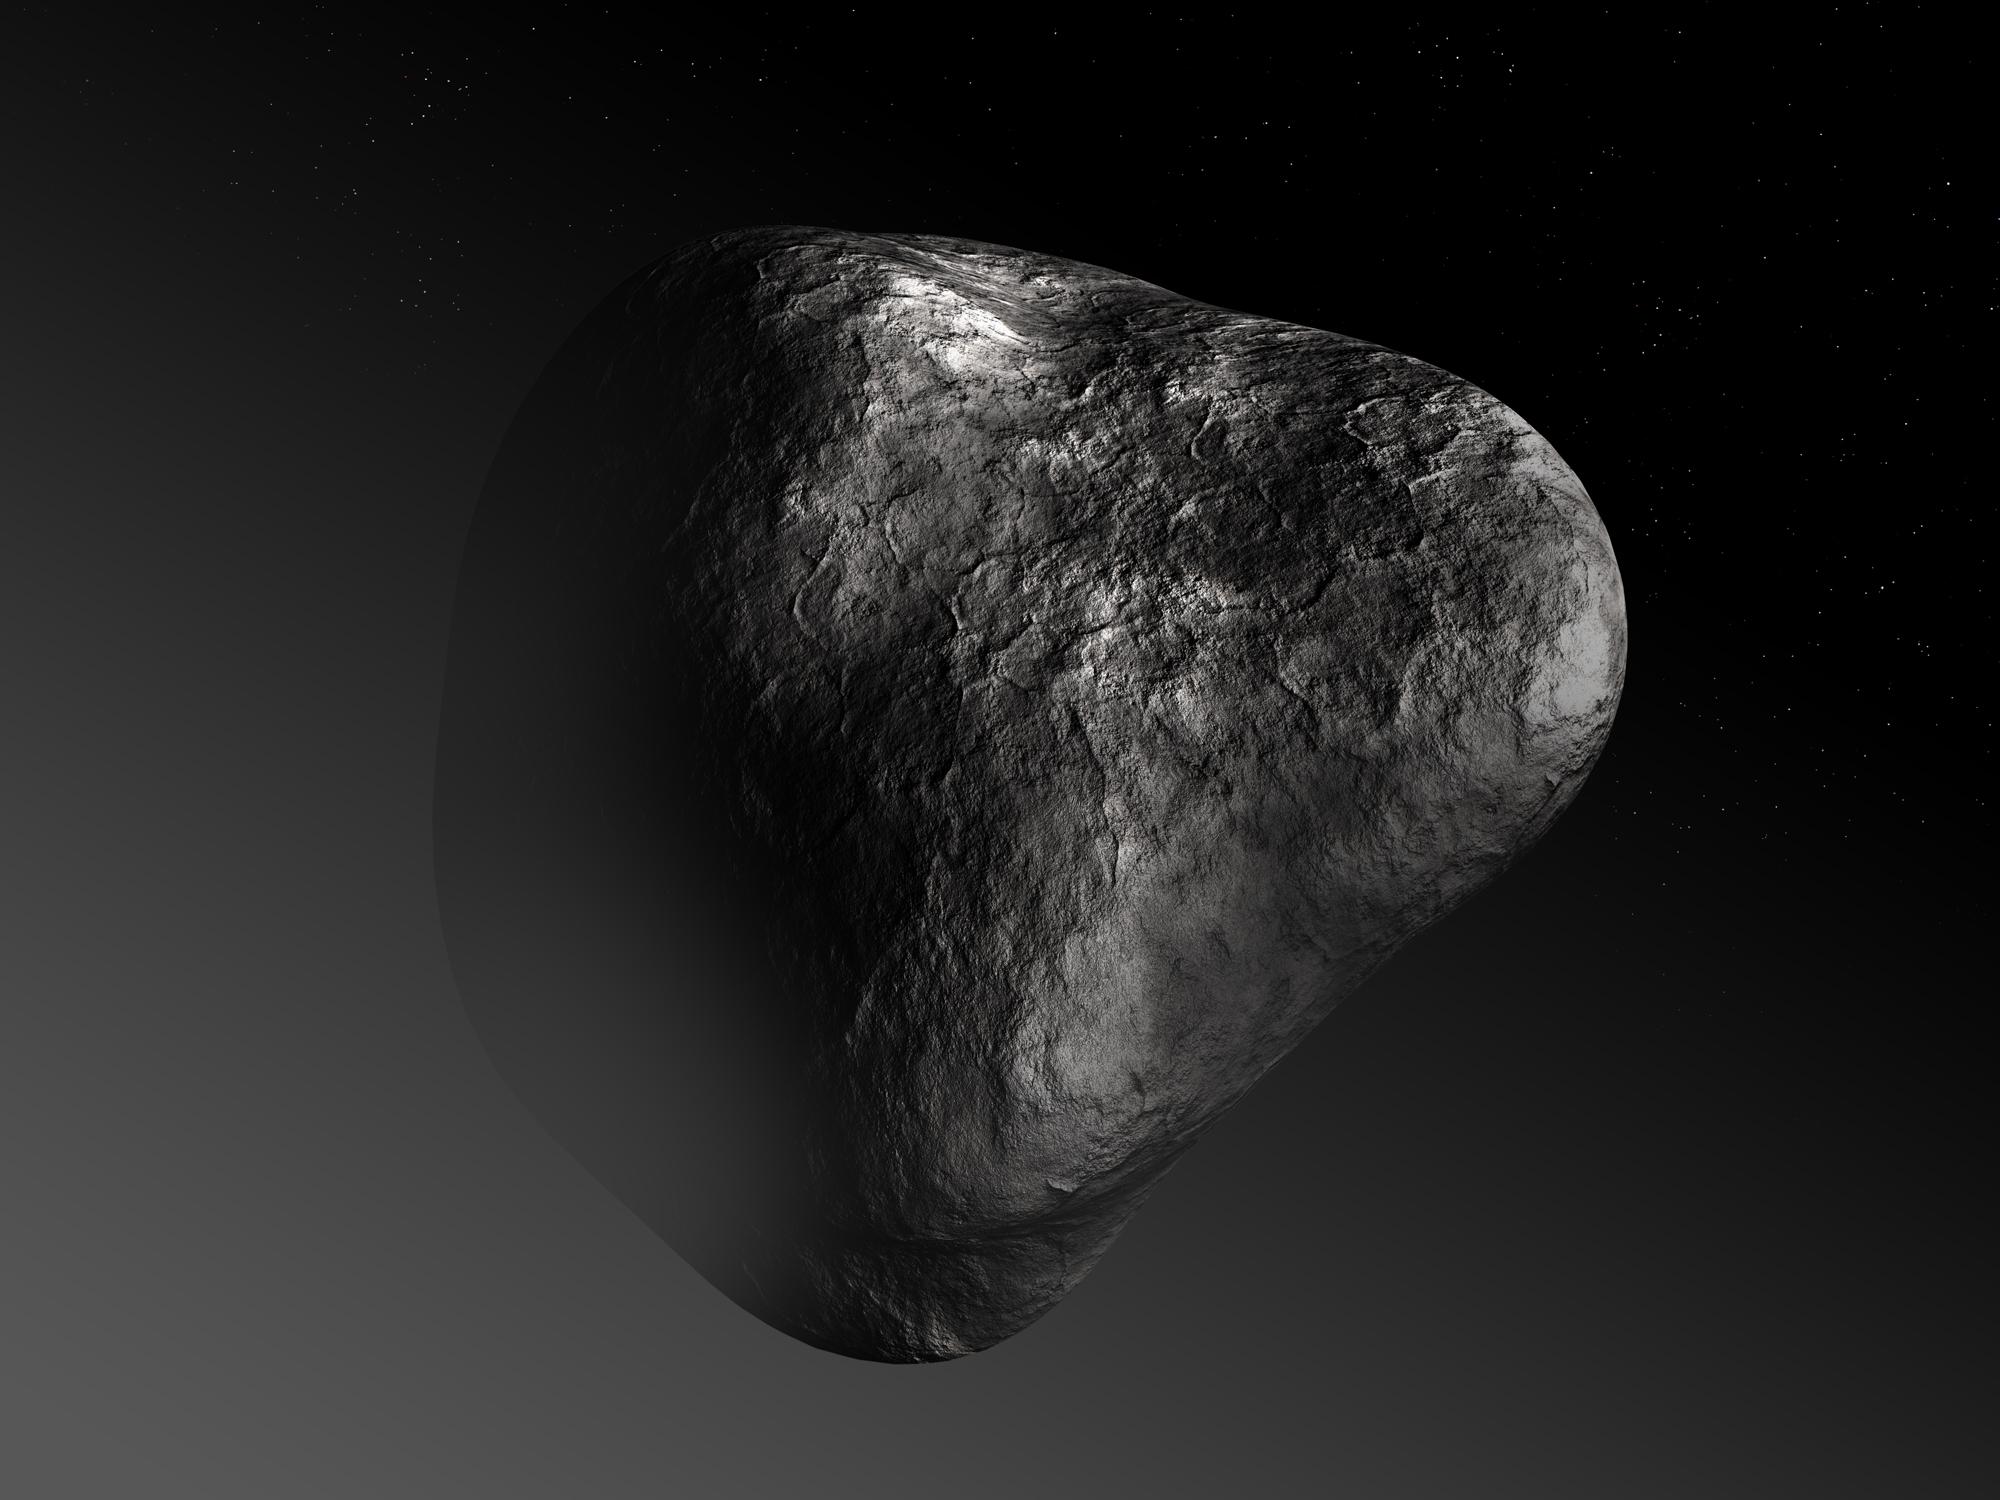 Comet_Artist_Impression_2k.jpg